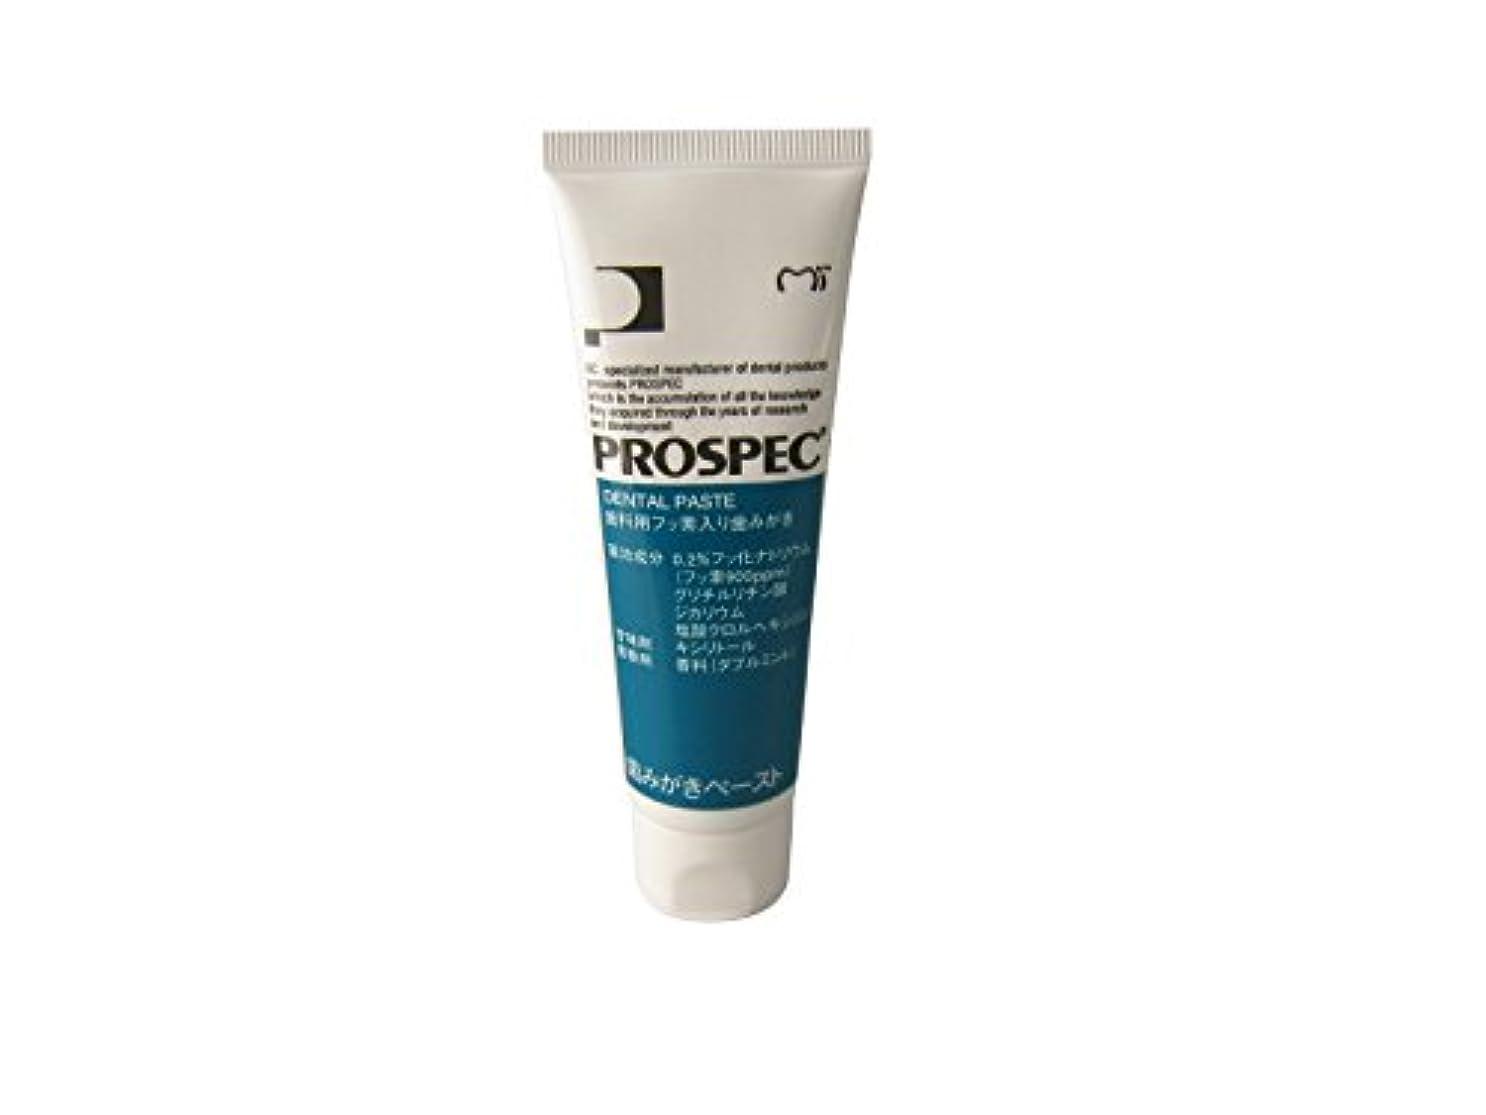 抵抗するプラカード再現するプロスペック 【歯磨き粉 フッ素配合】GC プロスペック 歯みがきペースト 65g×3本セット3つの薬効成分+キシリトール